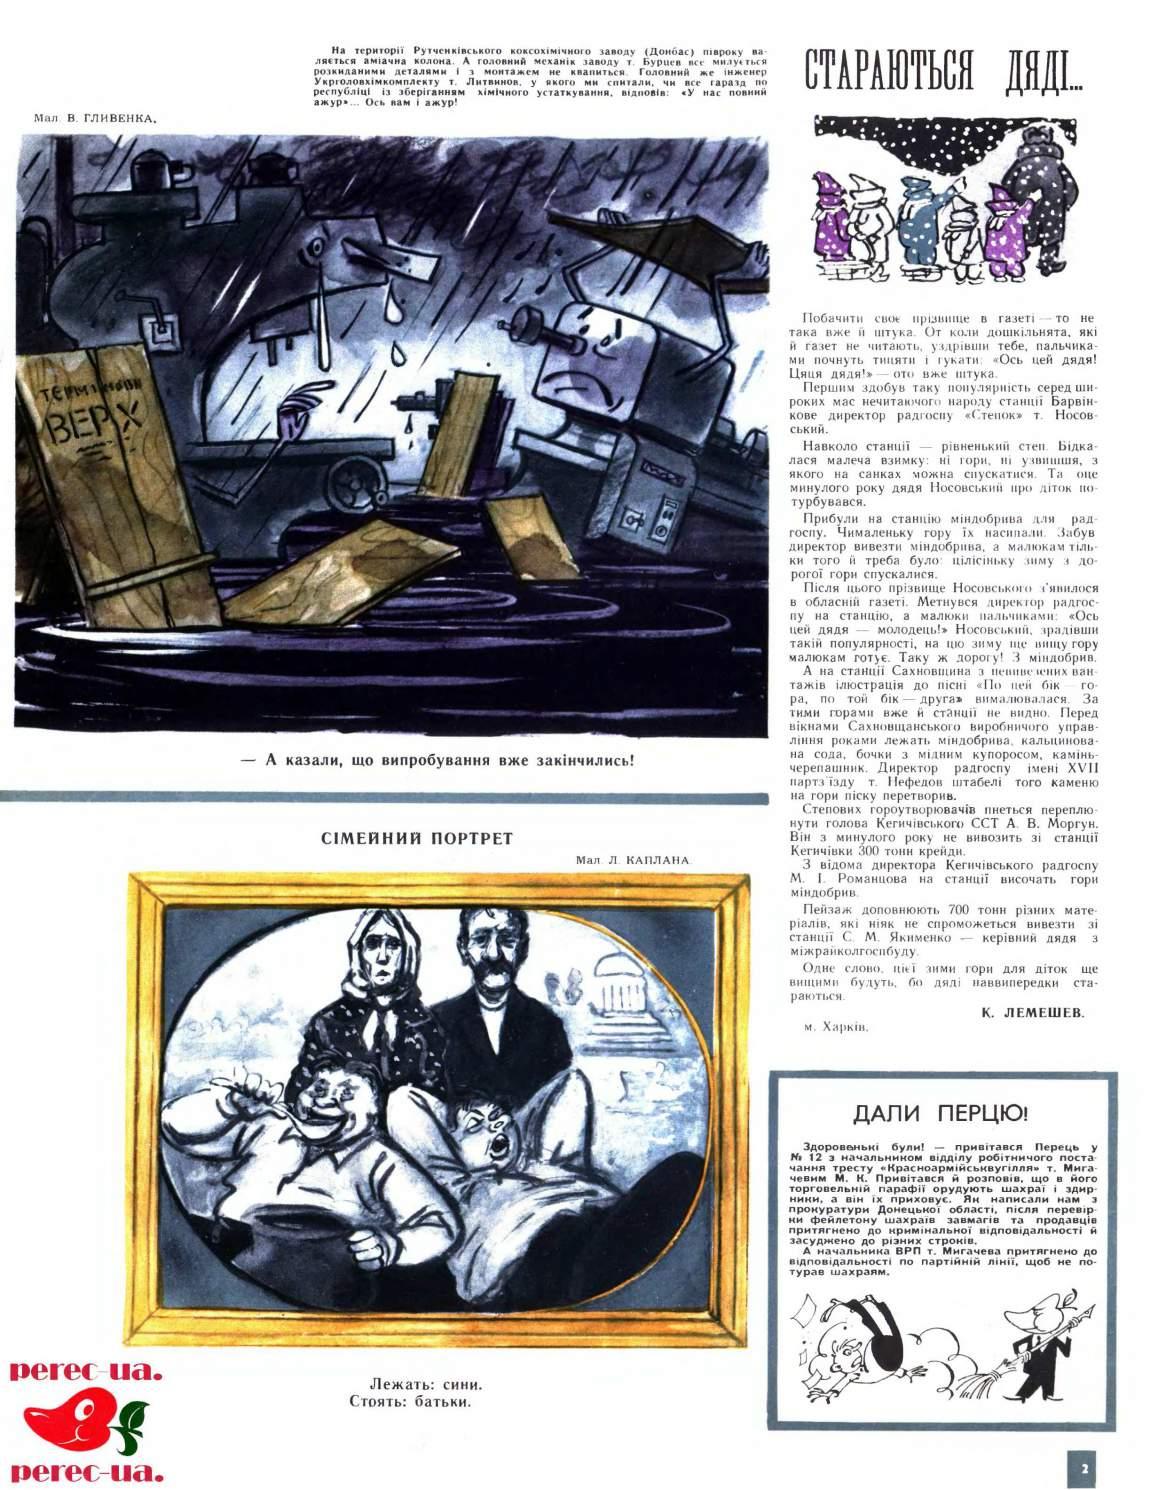 Журнал перець 1963 №23